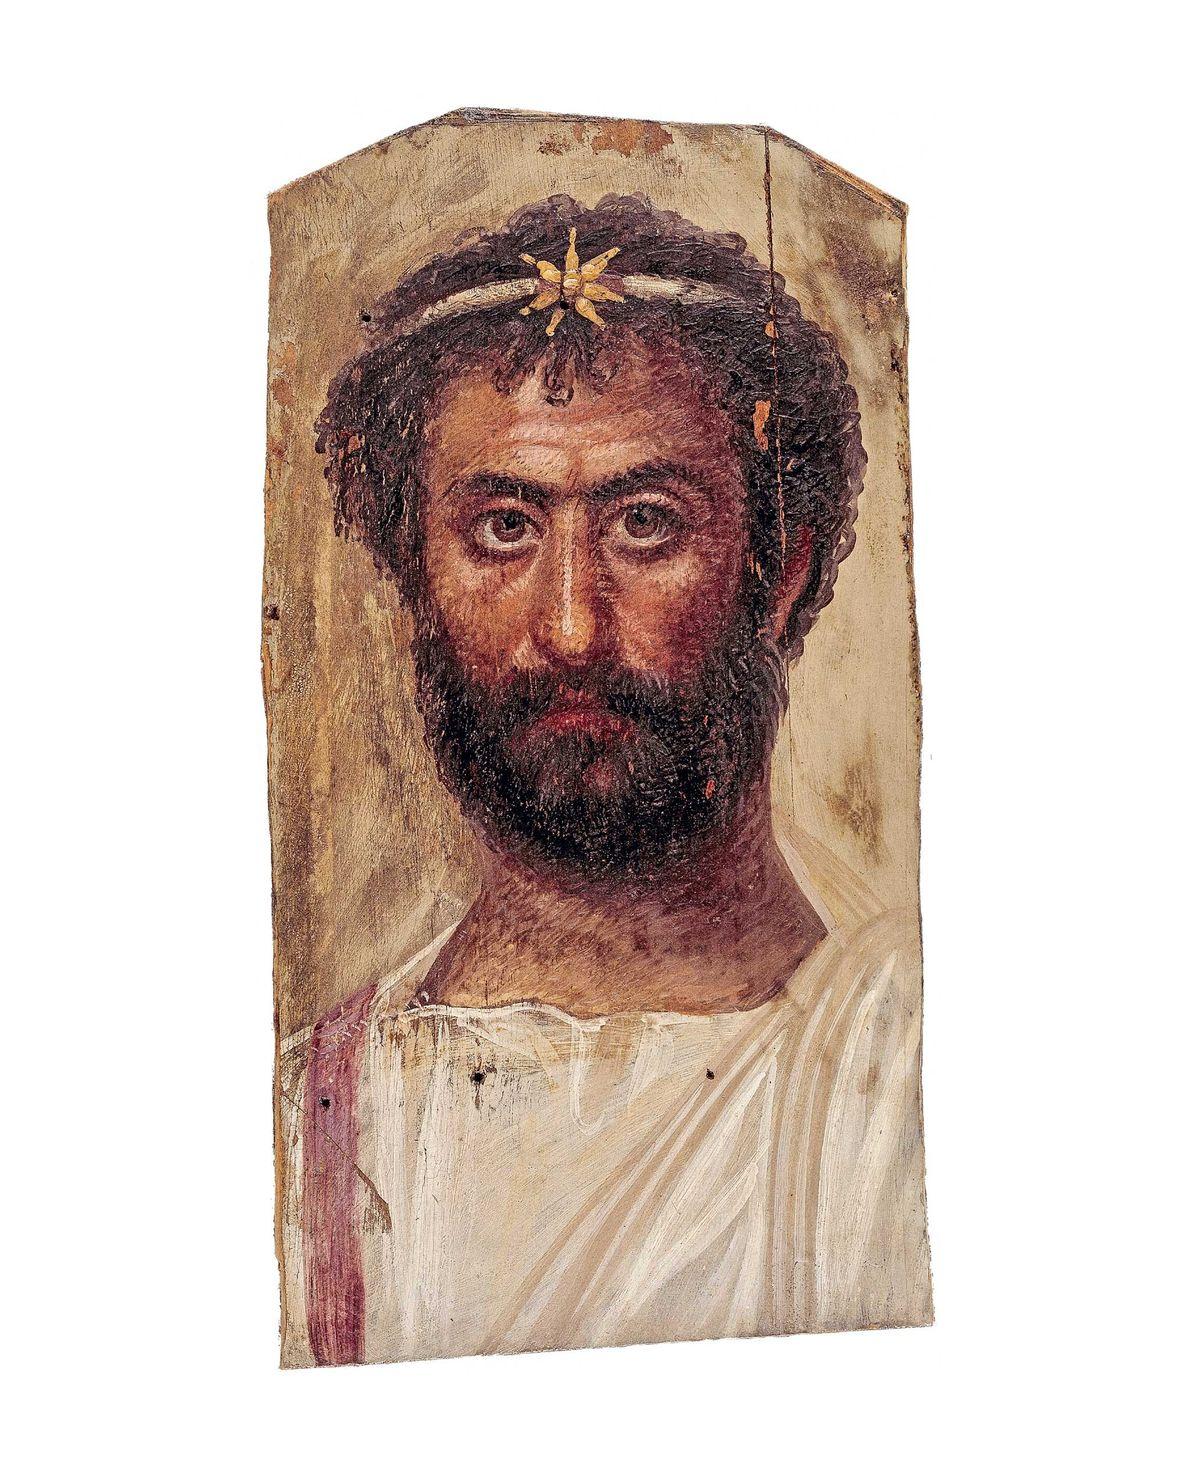 Cet homme porte une sorte de couronne avec en son centre, une étoile à sept branches, ...